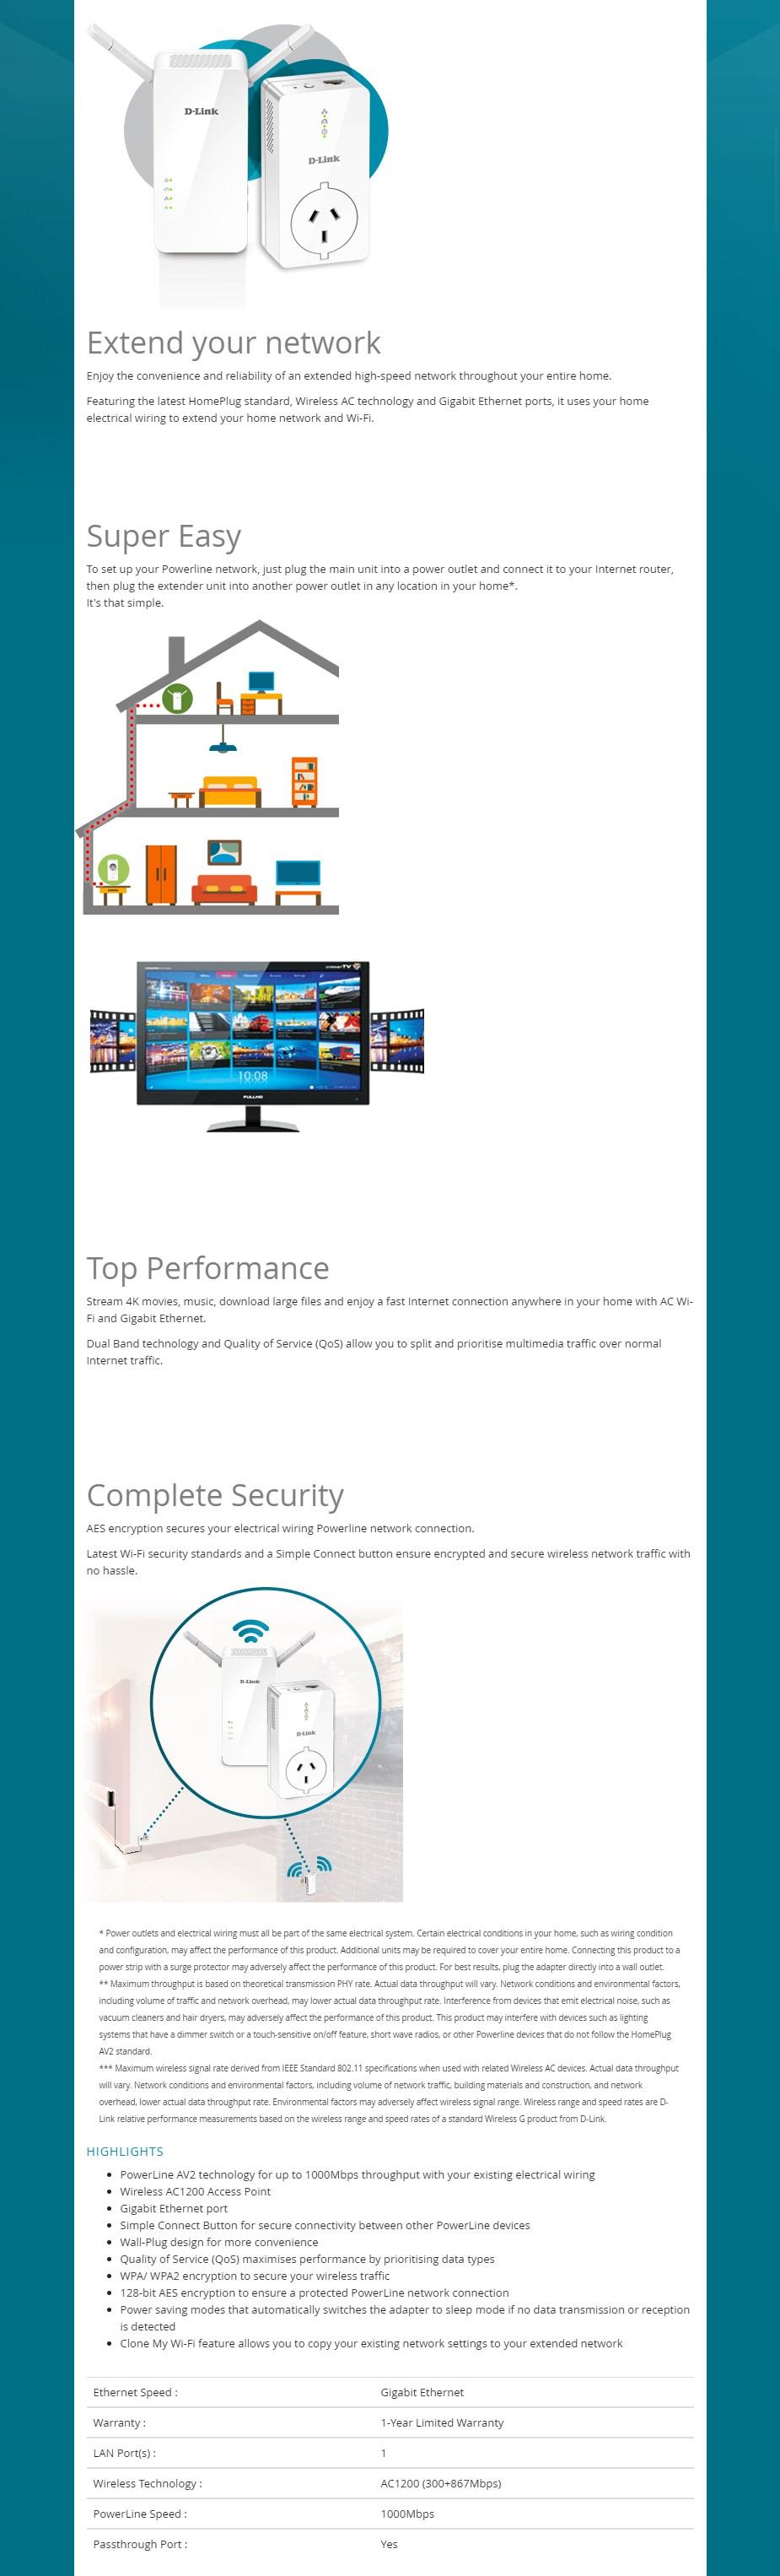 D-Link DHP-W611AV PowerLine AV2 1000 WiFi AC1200 Starter Kit - Overview 1